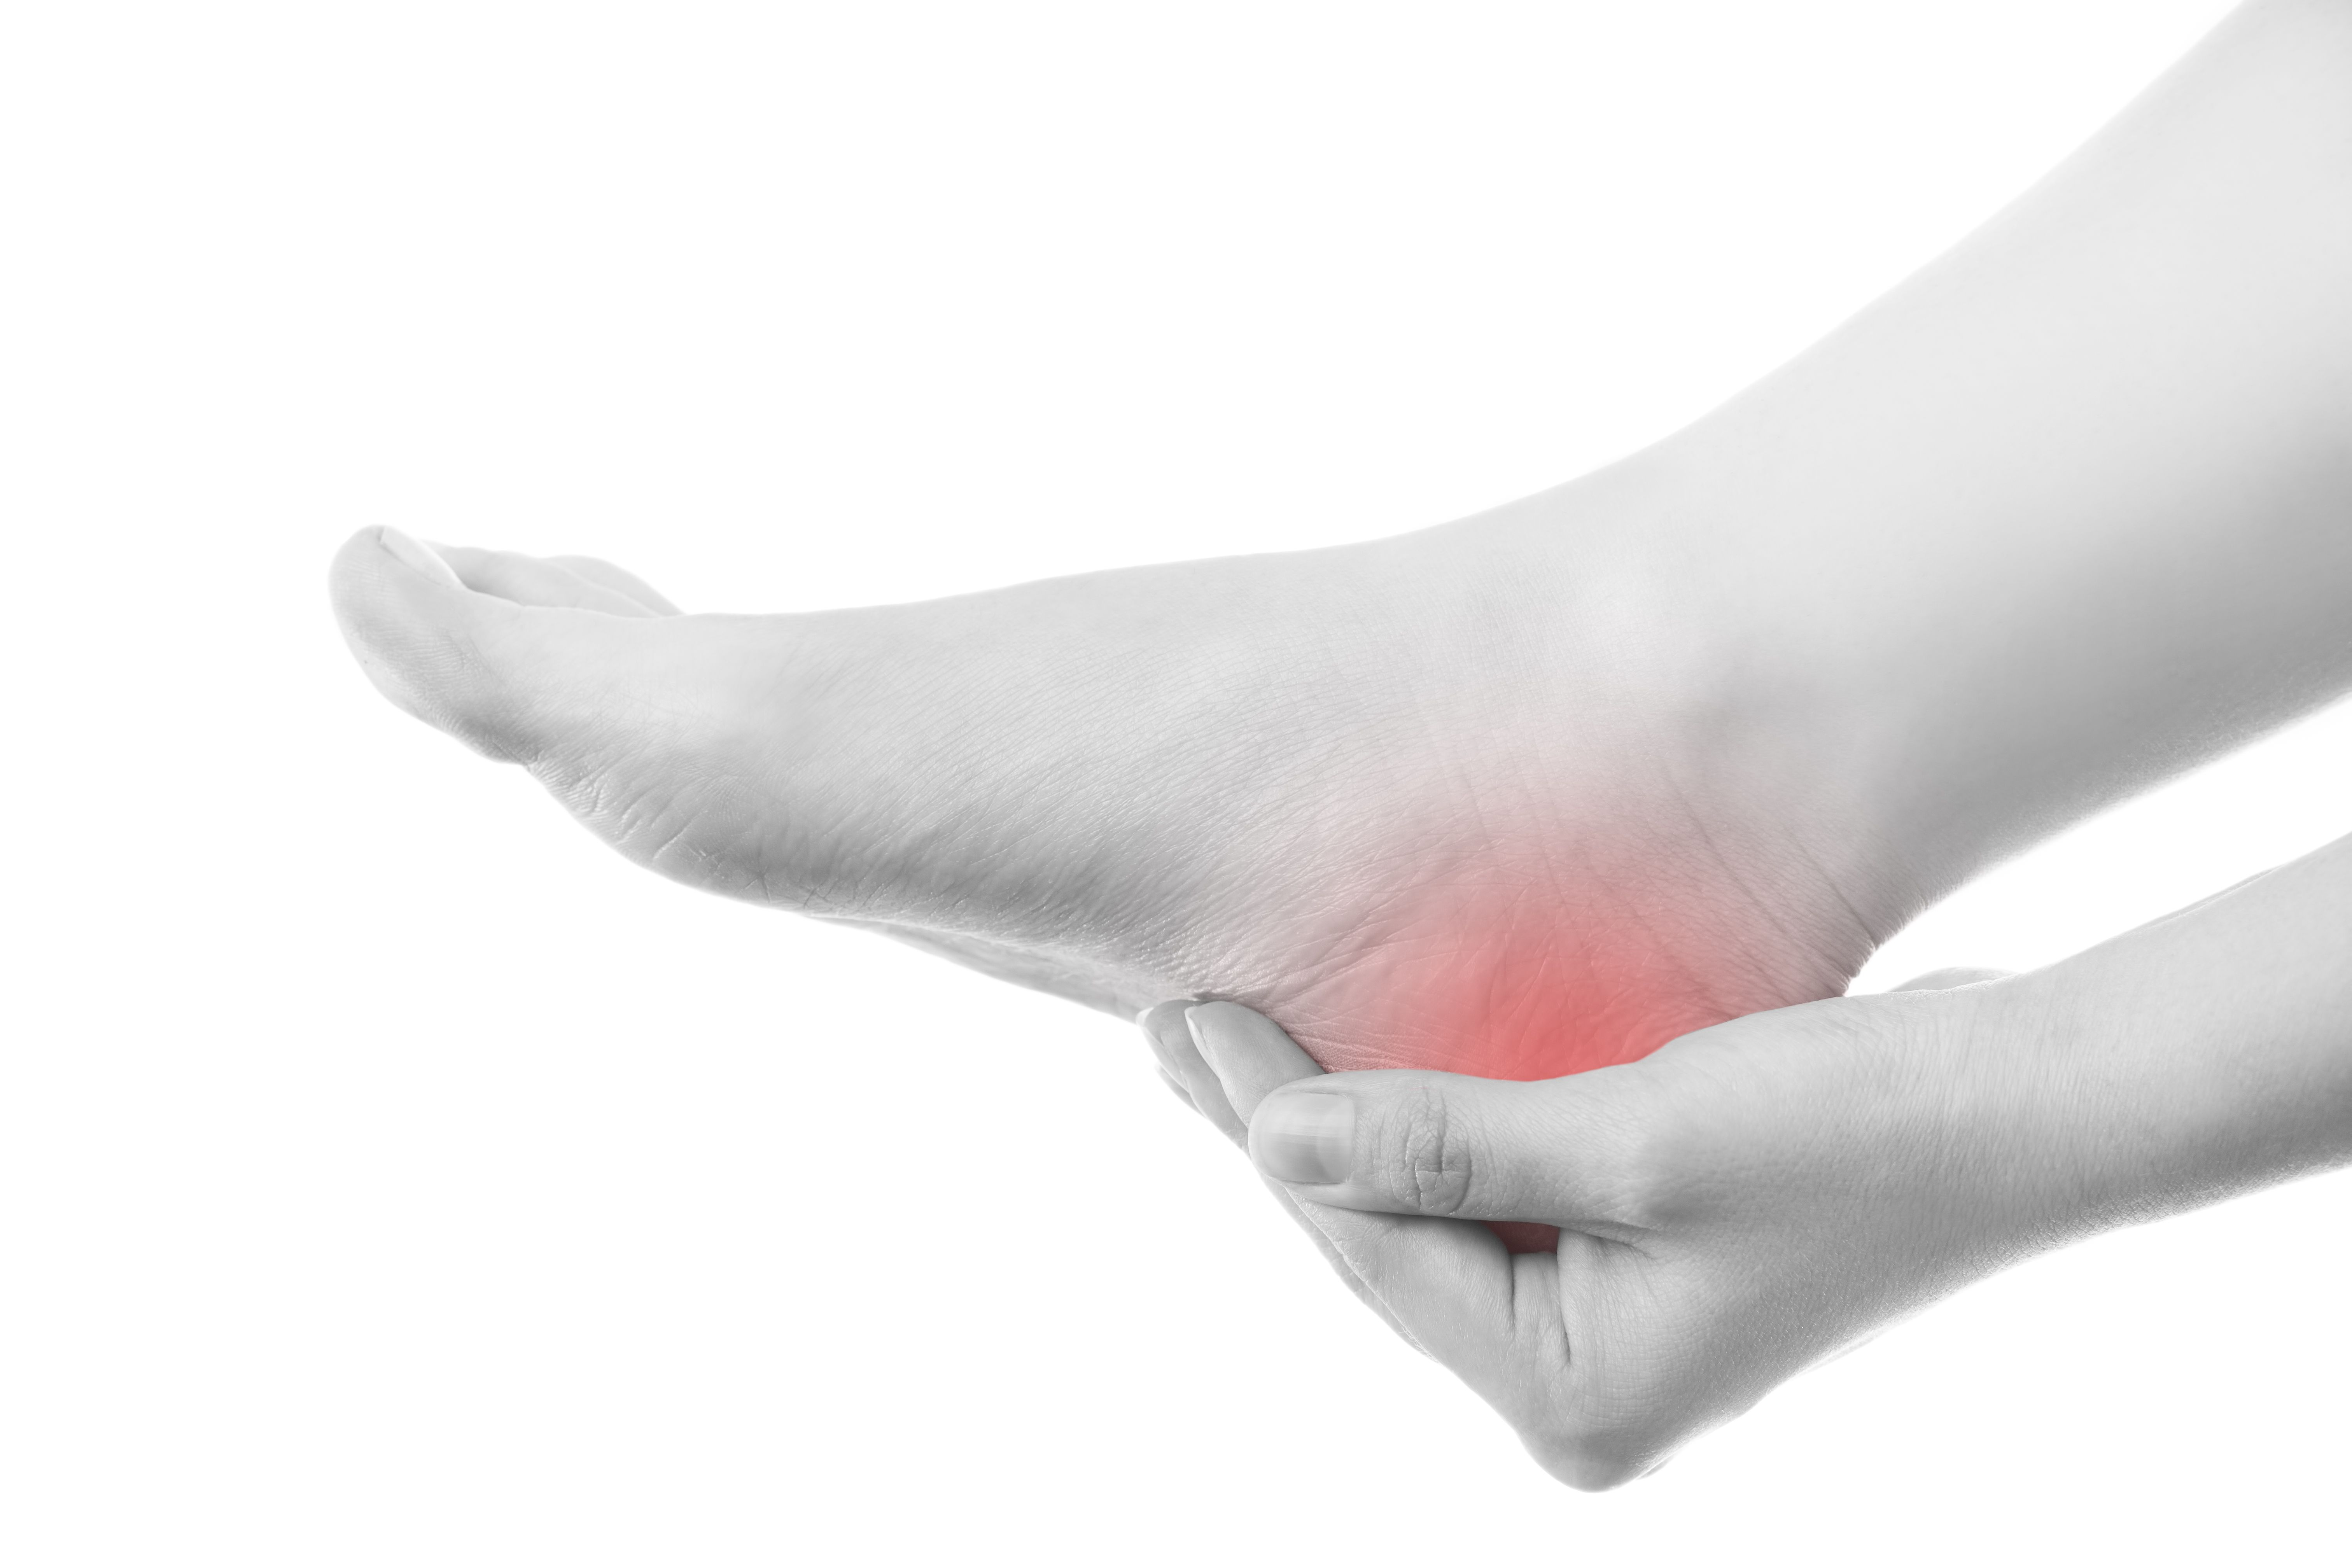 Tratamientos ortopédicos personalizados: Tratamientos de Clínica del Pie Elisa Oller